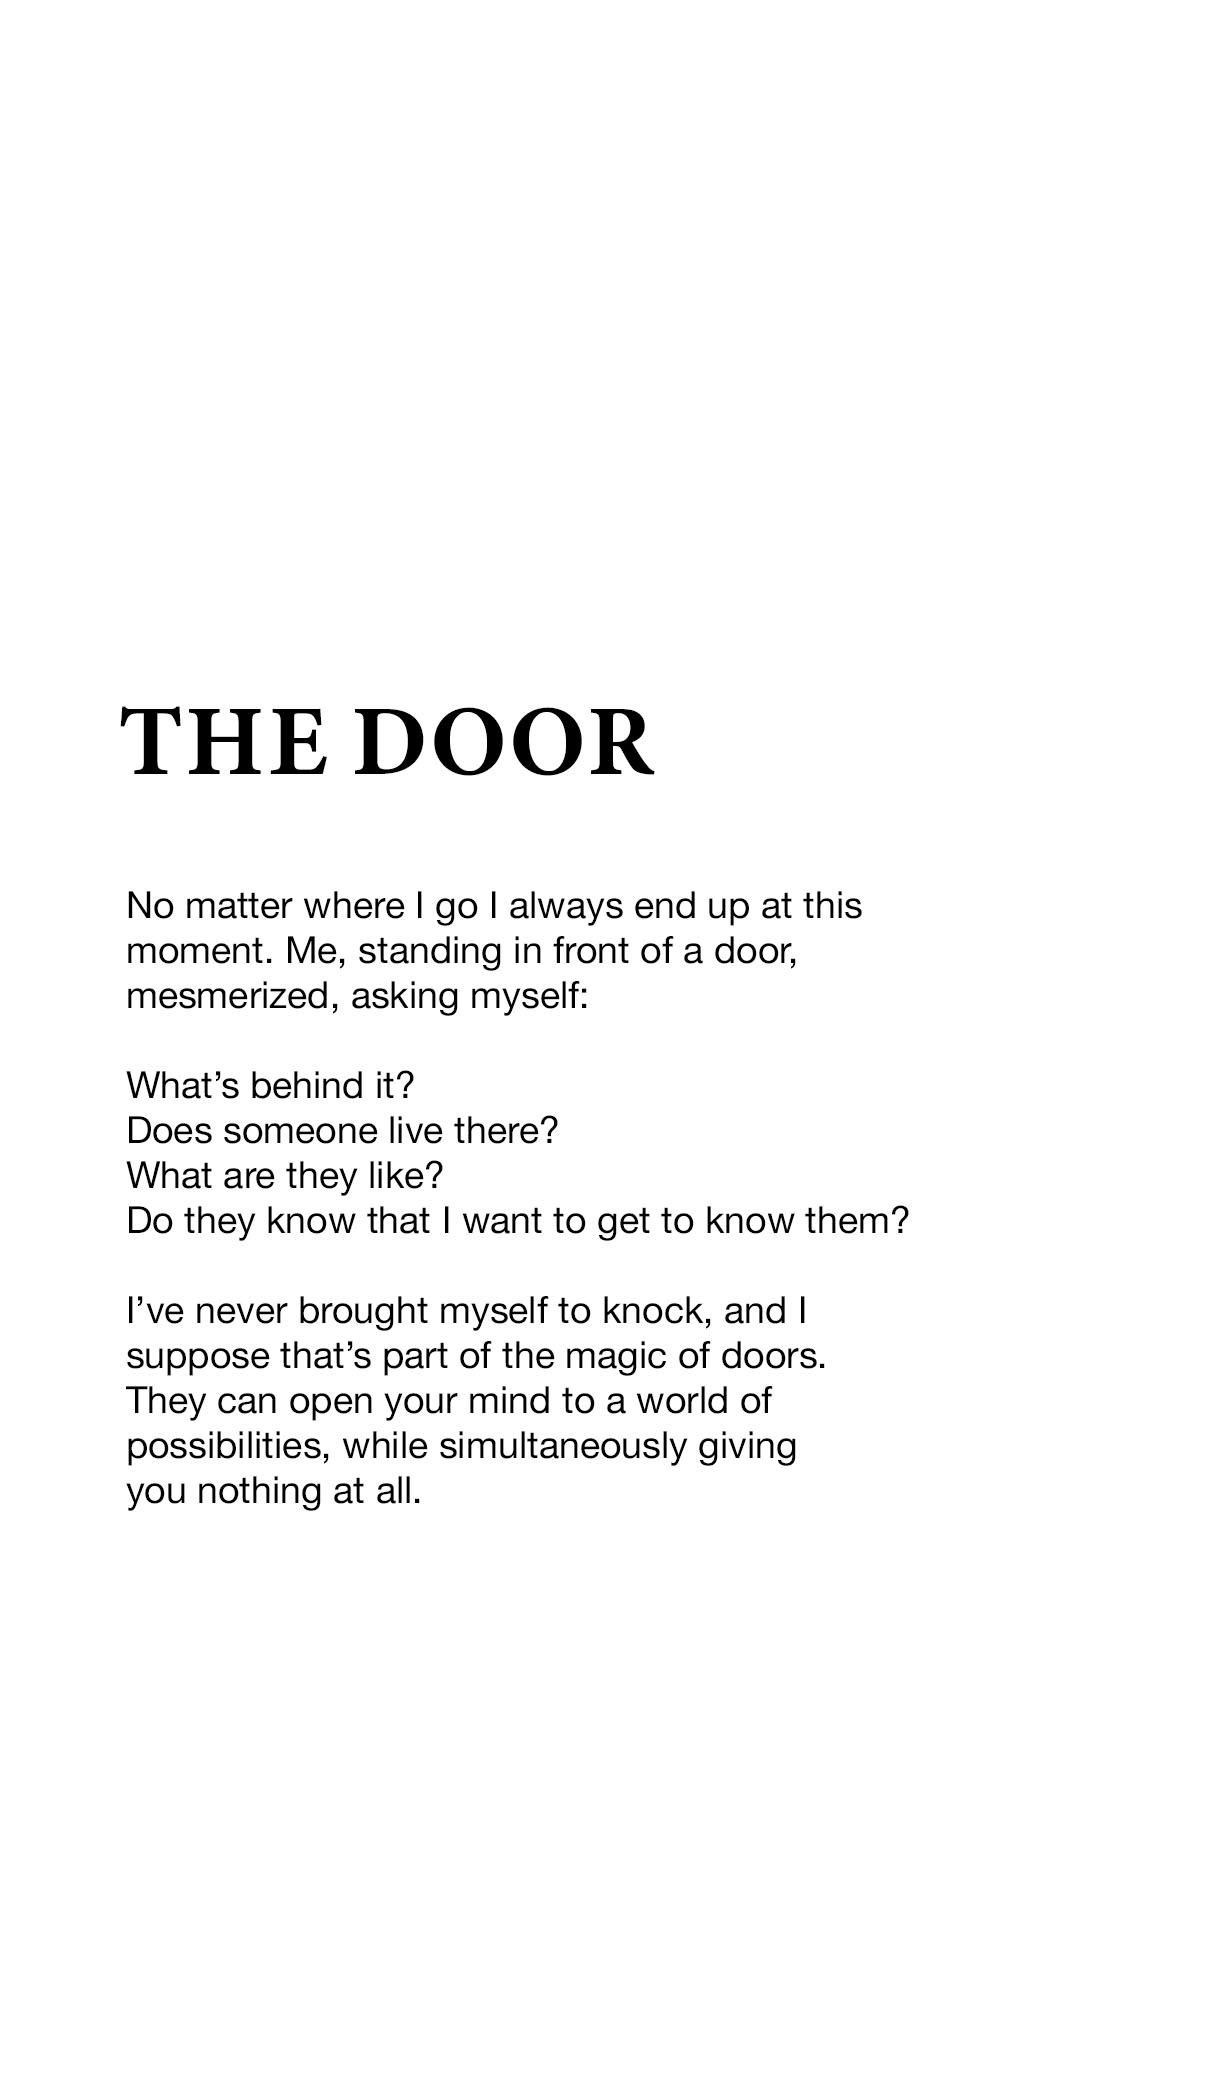 The door2.jpg